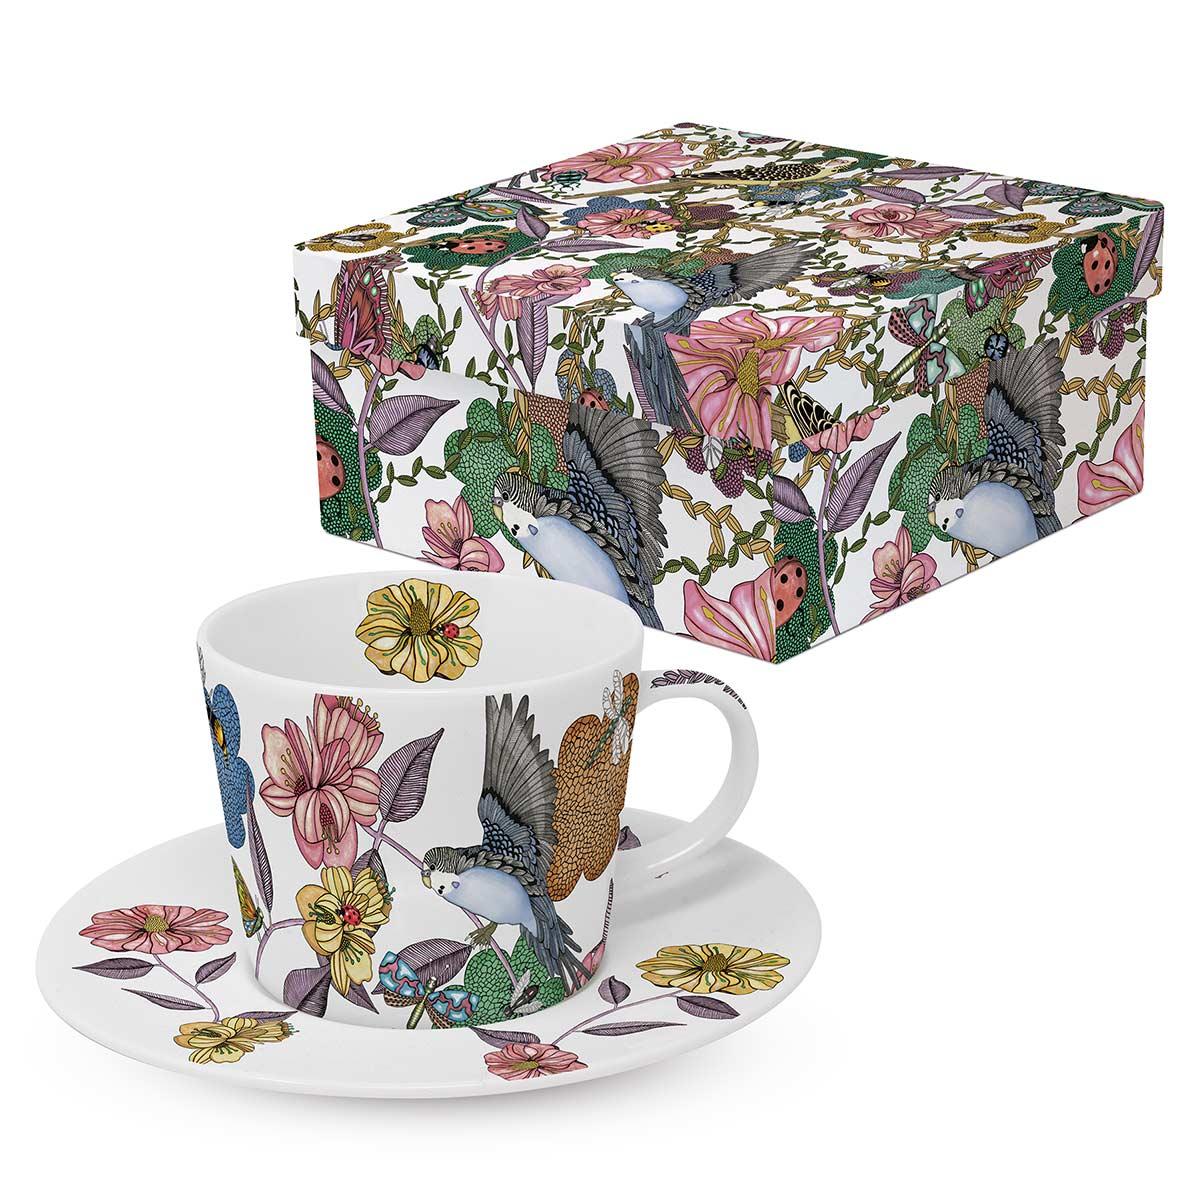 Trend Coffee GB Birds & Flowers